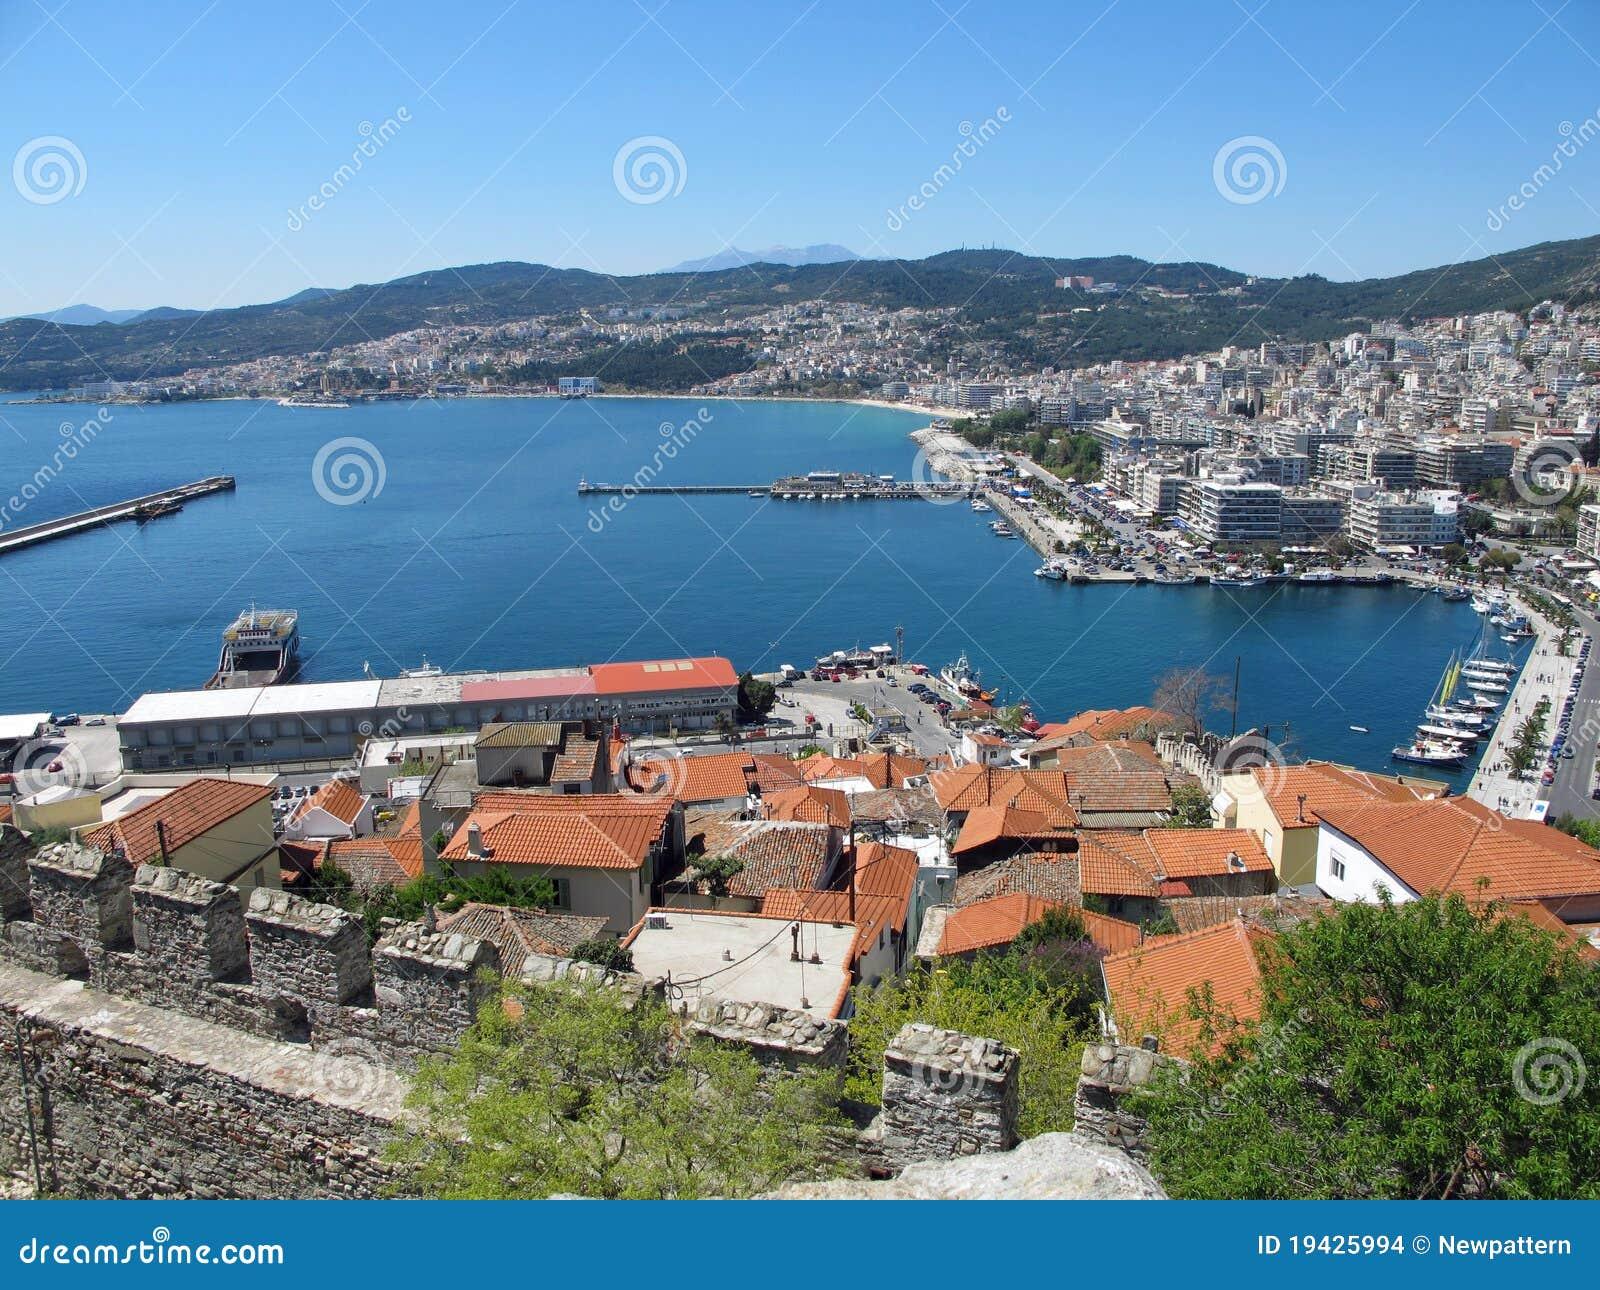 Port in Kavala, Greece